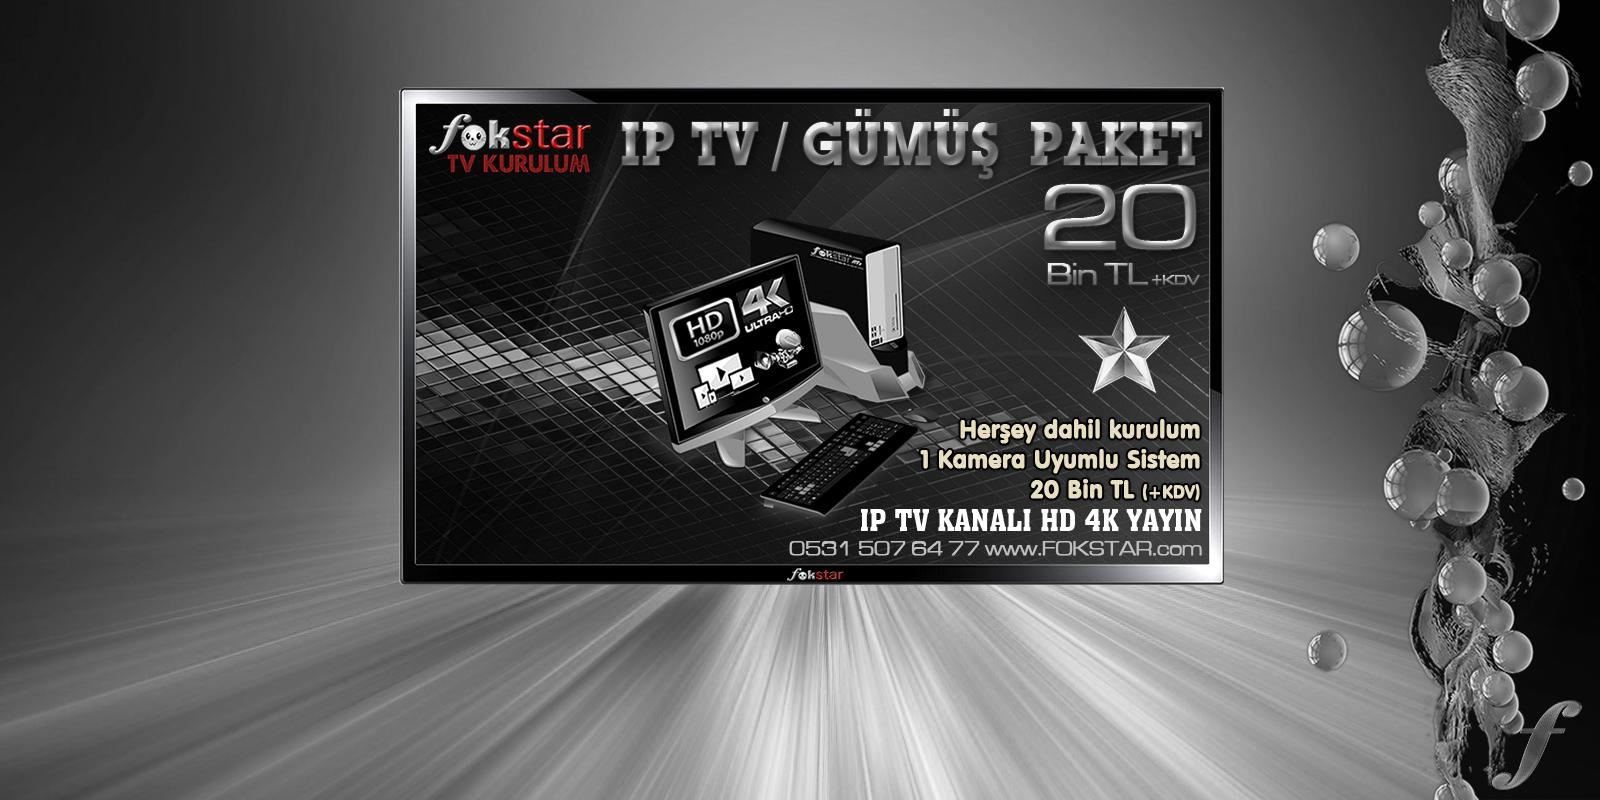 IP TV GÜMÜŞ